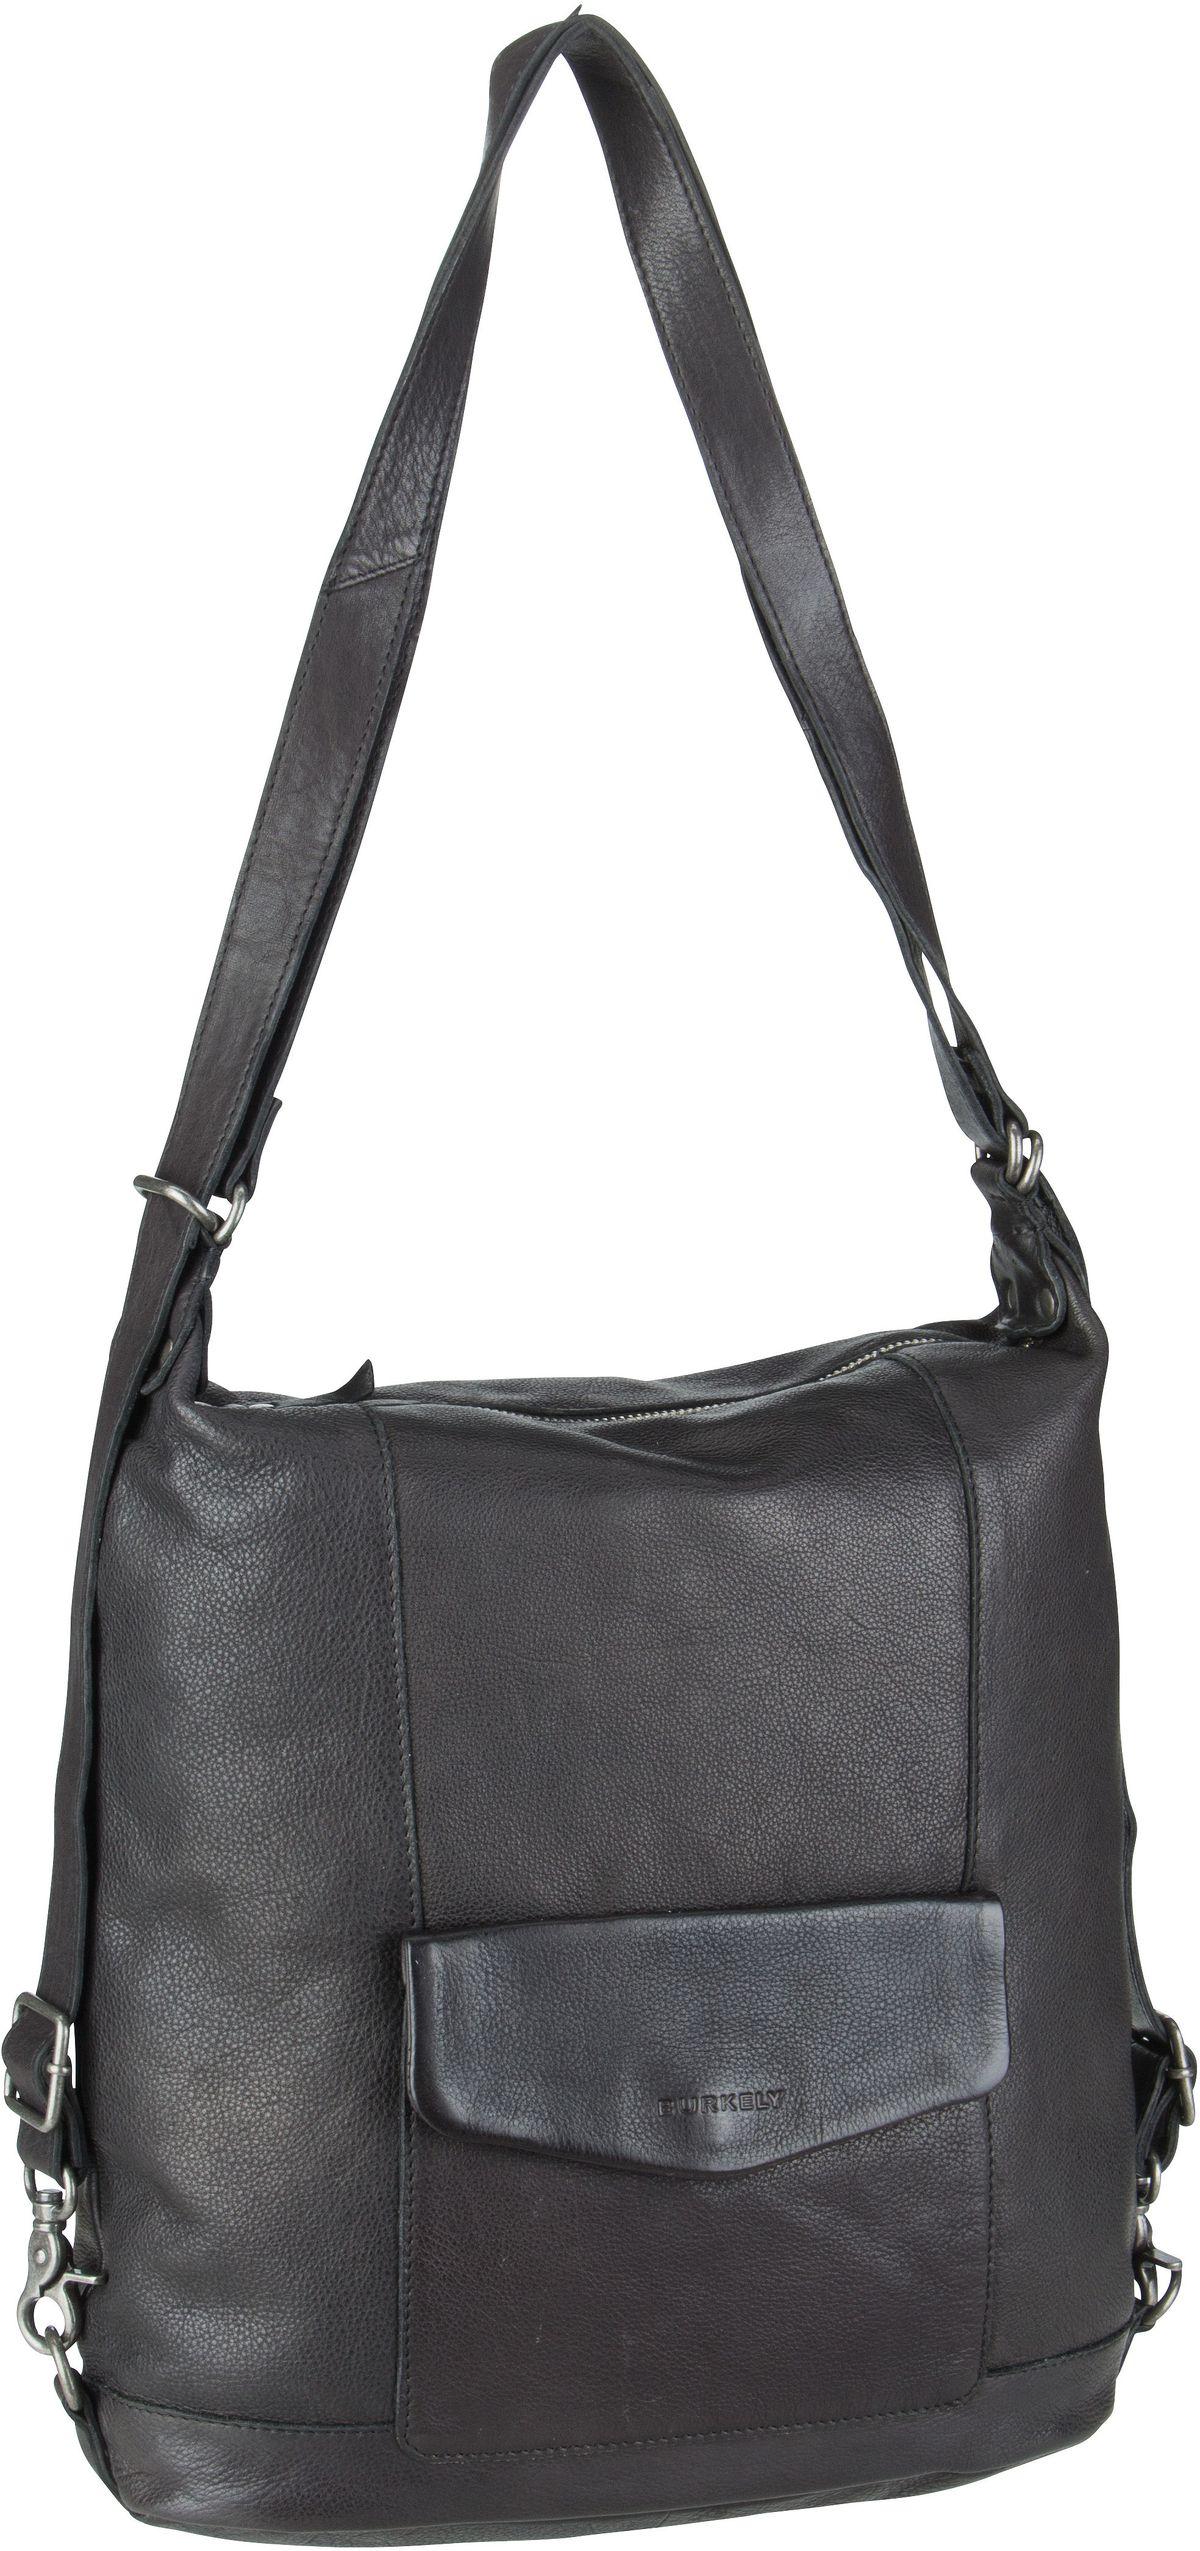 Burkely Handtasche Just Jackie Backpack 2584 Black